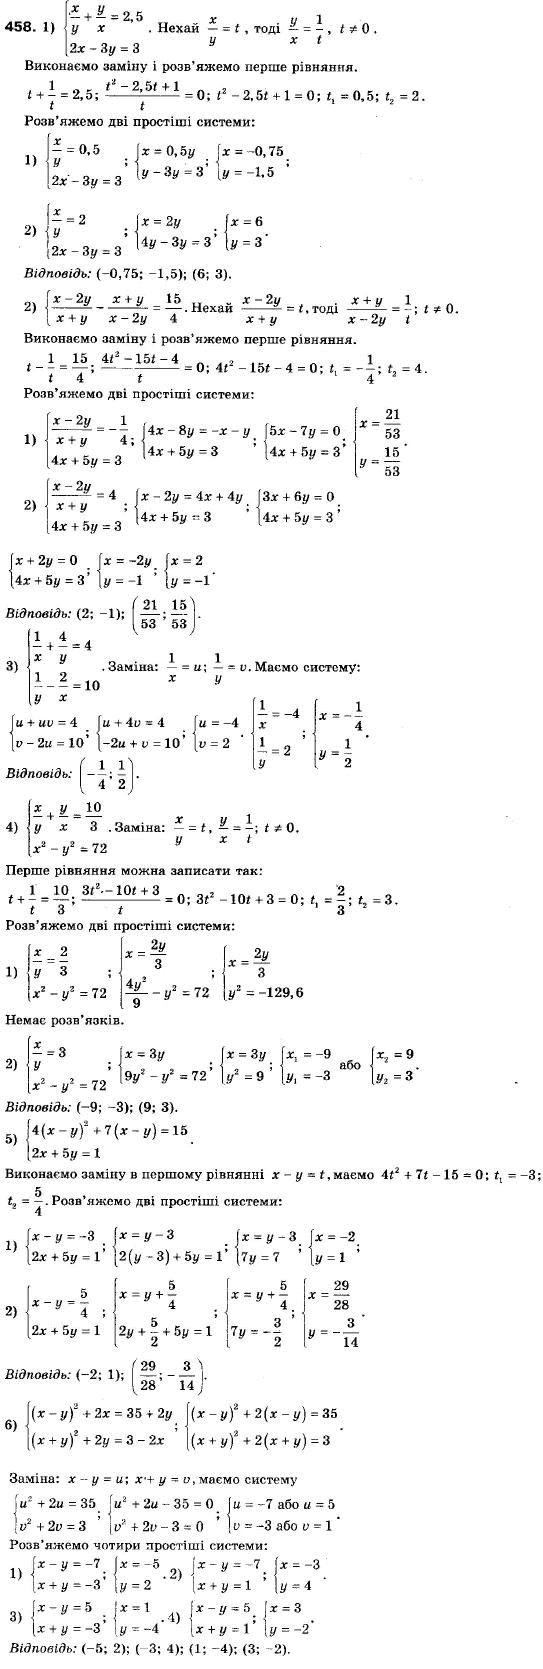 гдз по алгебре сборник задач 9 класс мерзляк гдз